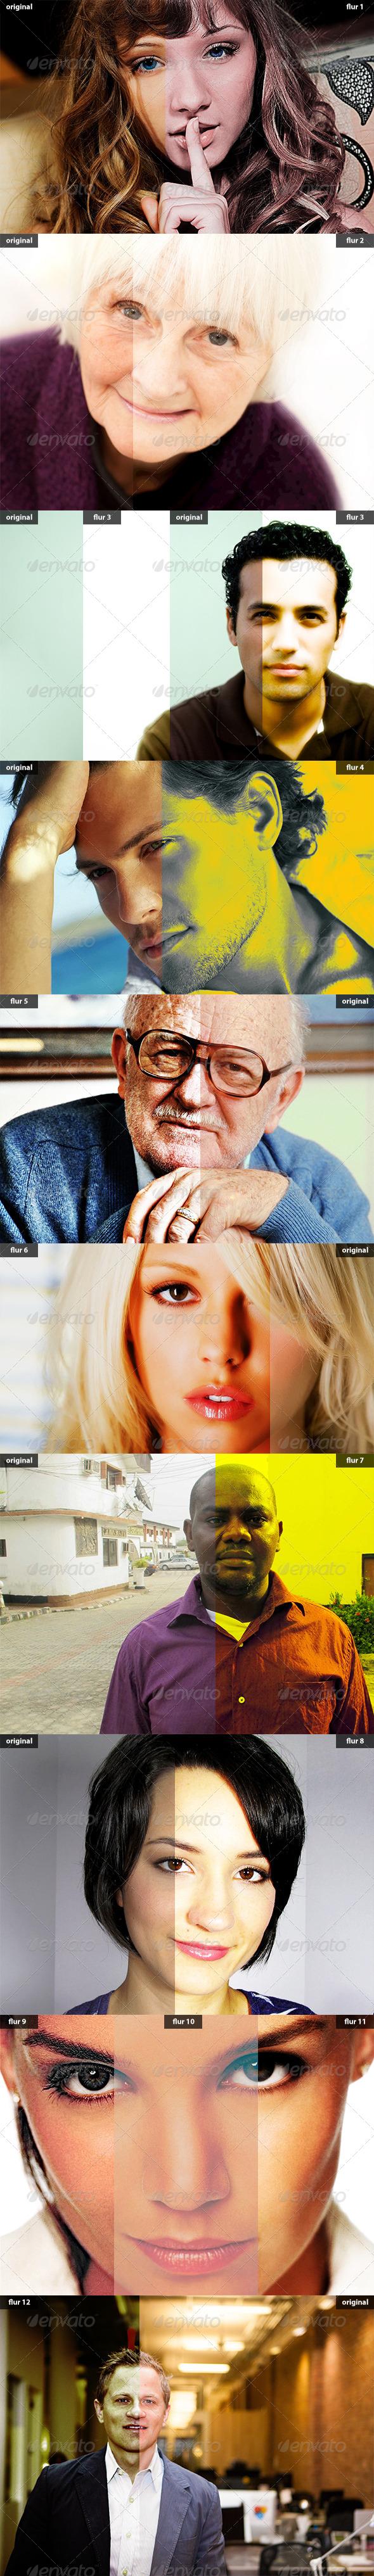 GraphicRiver Flur Photoshop Actions 5861178